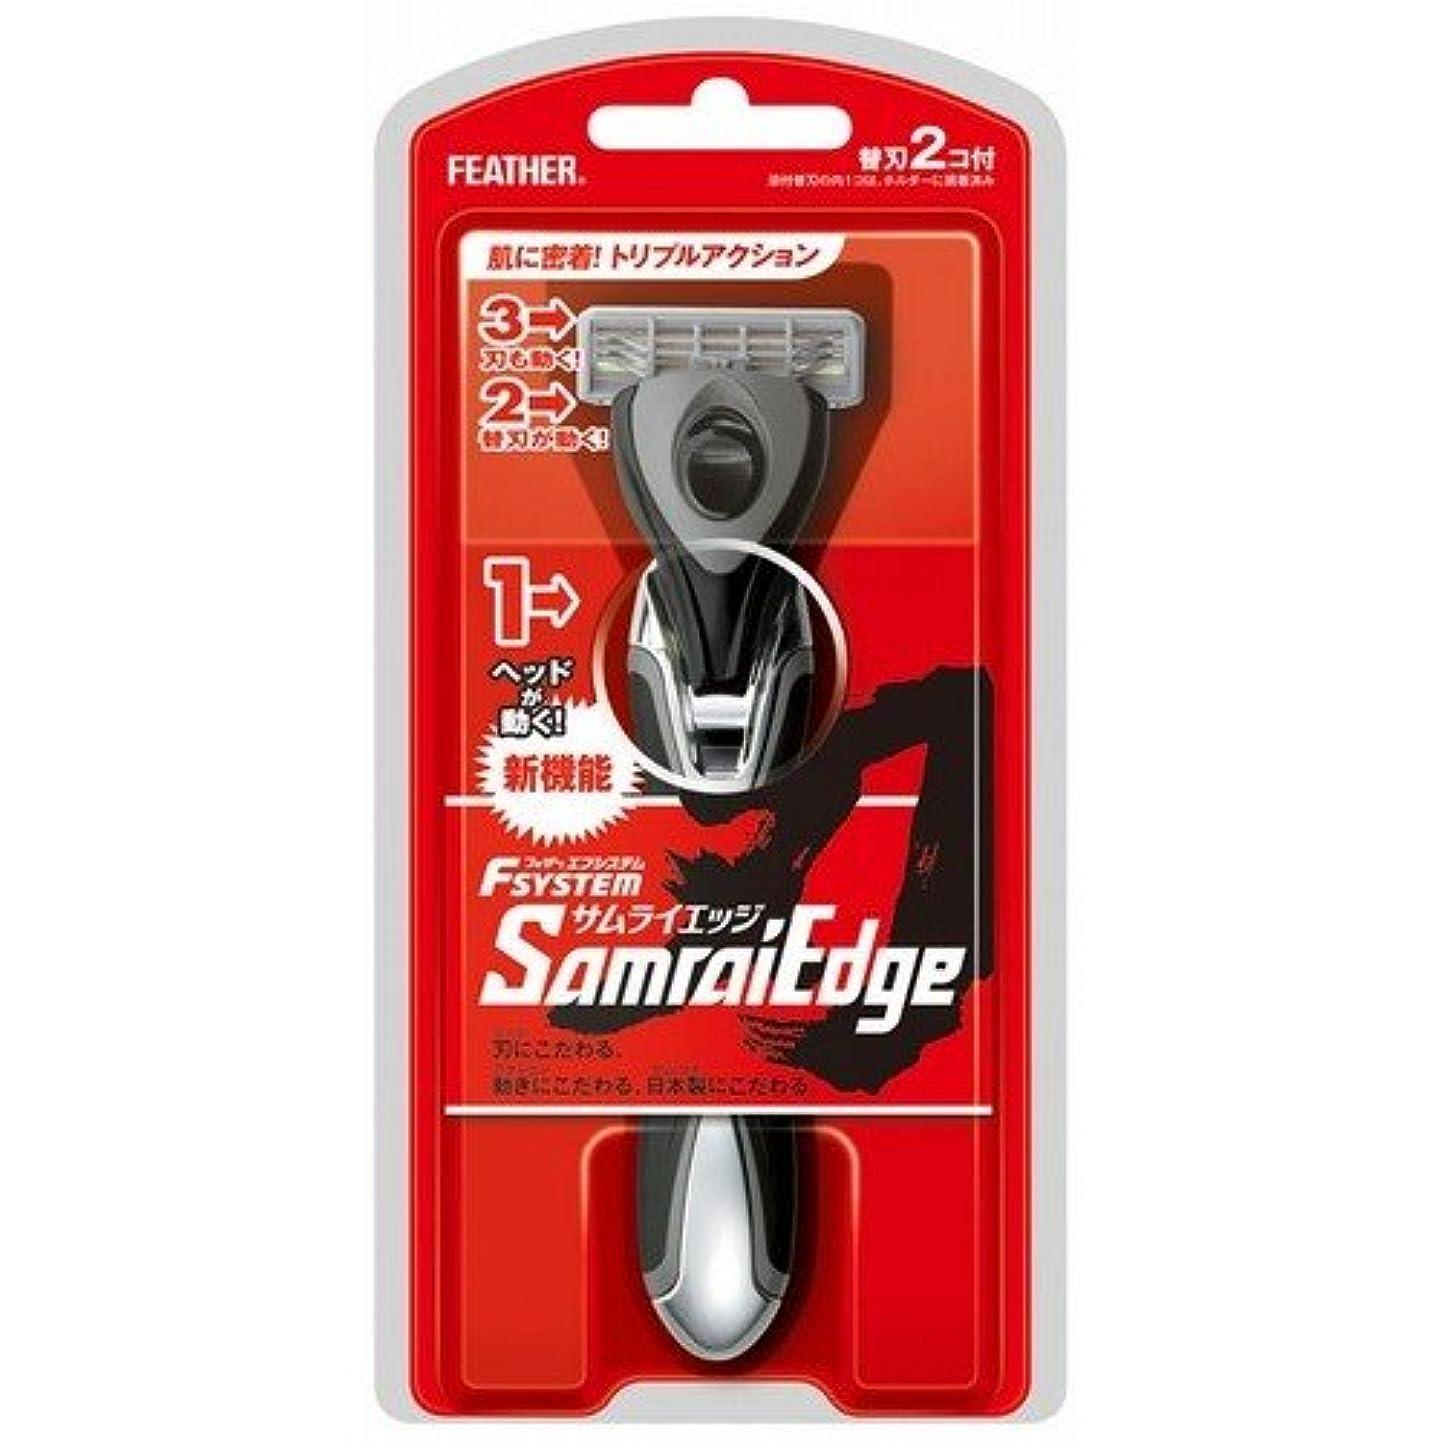 征服するカバーよろしくフェザー エフシステム サムライエッジ ホルダー 替刃2個付 (日本製)